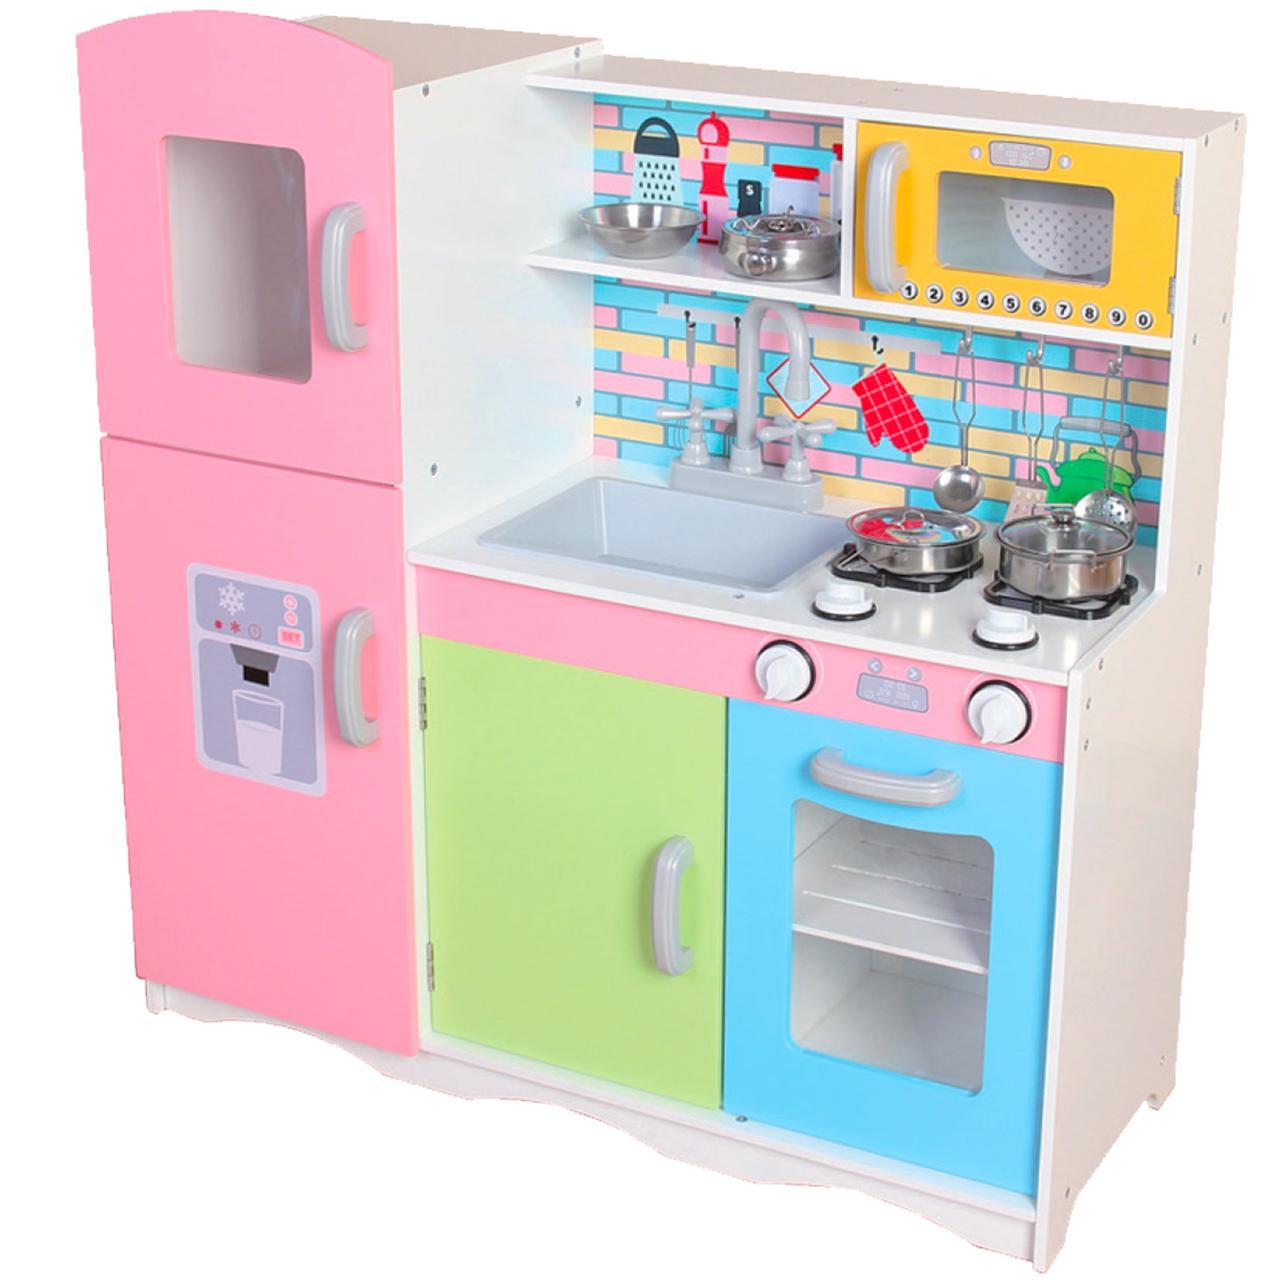 Дерев'яна кухня для дітей Ecotoys TK038 + набір посуду